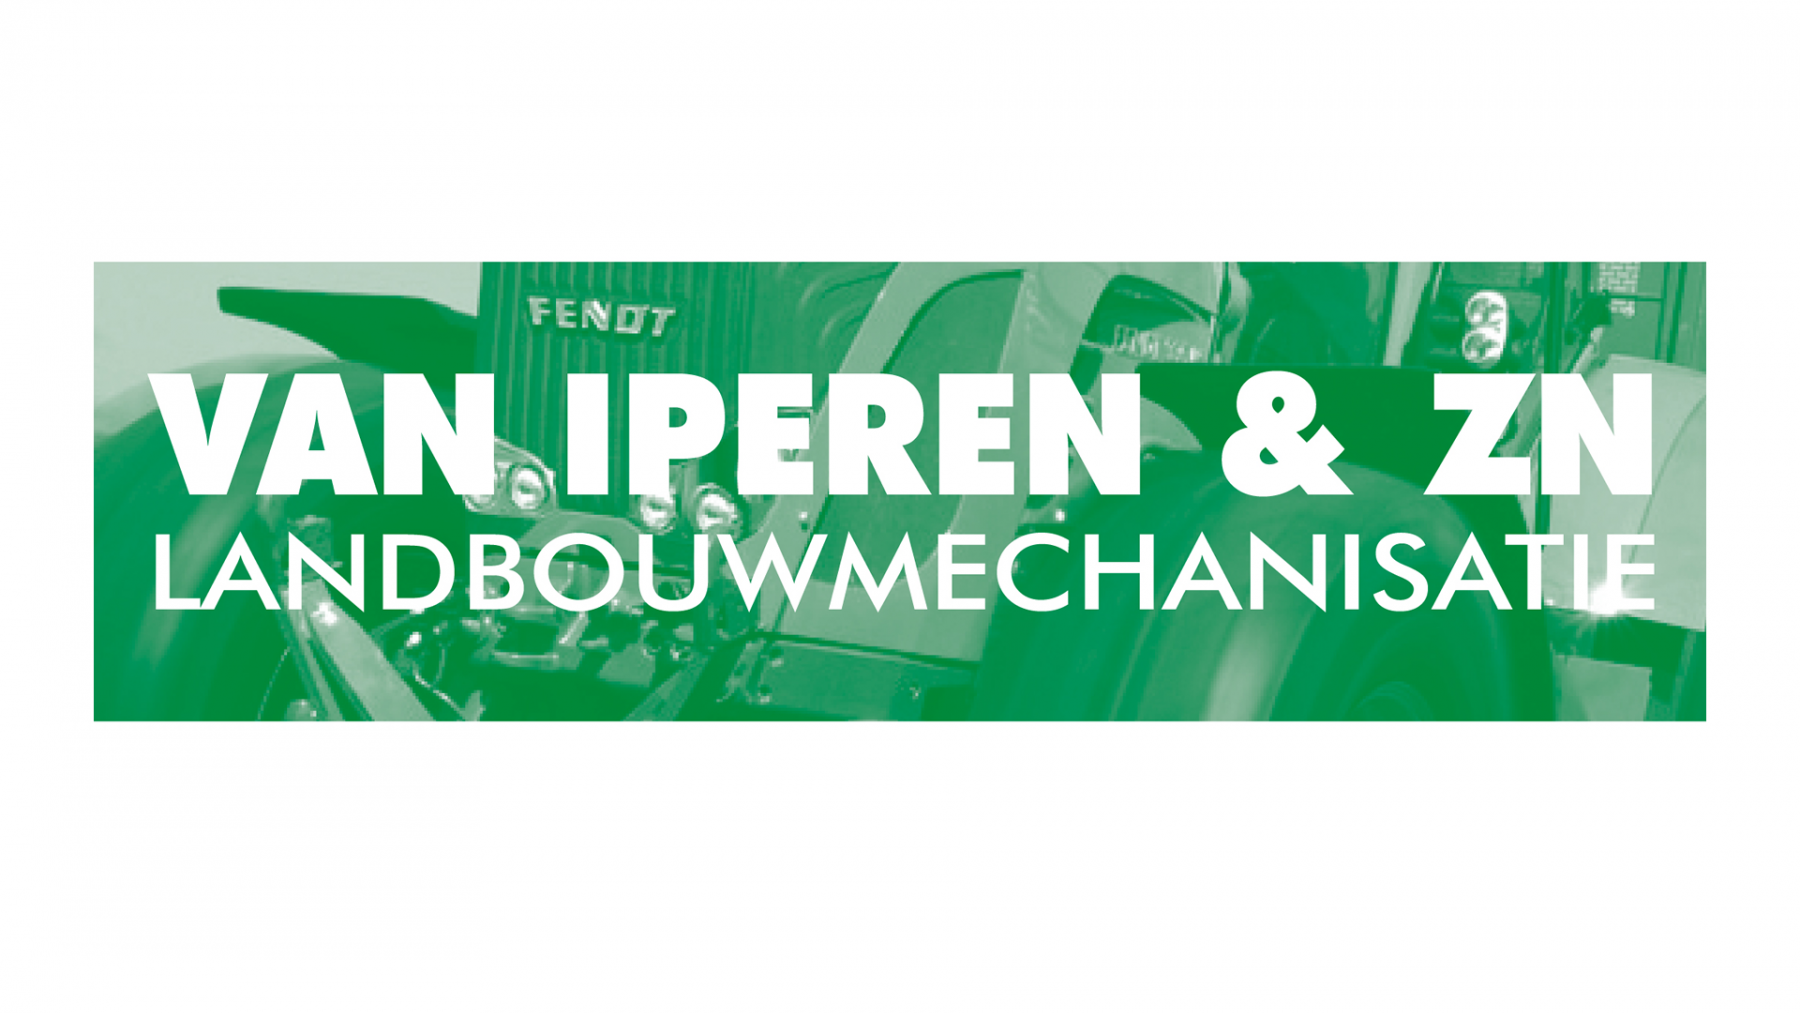 Van-Iperen-Mechanisatie.fw_